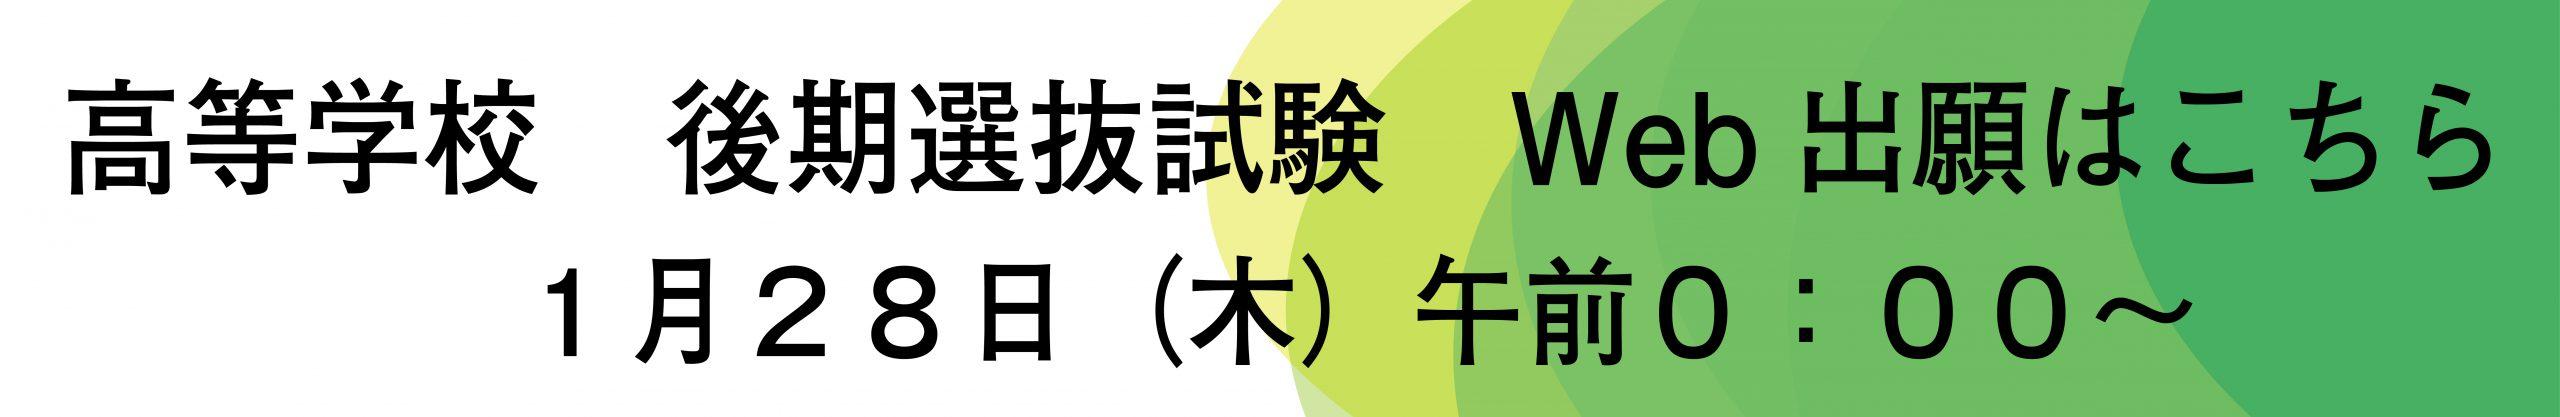 松 二 学舎 キャンパス 大学 ライブ